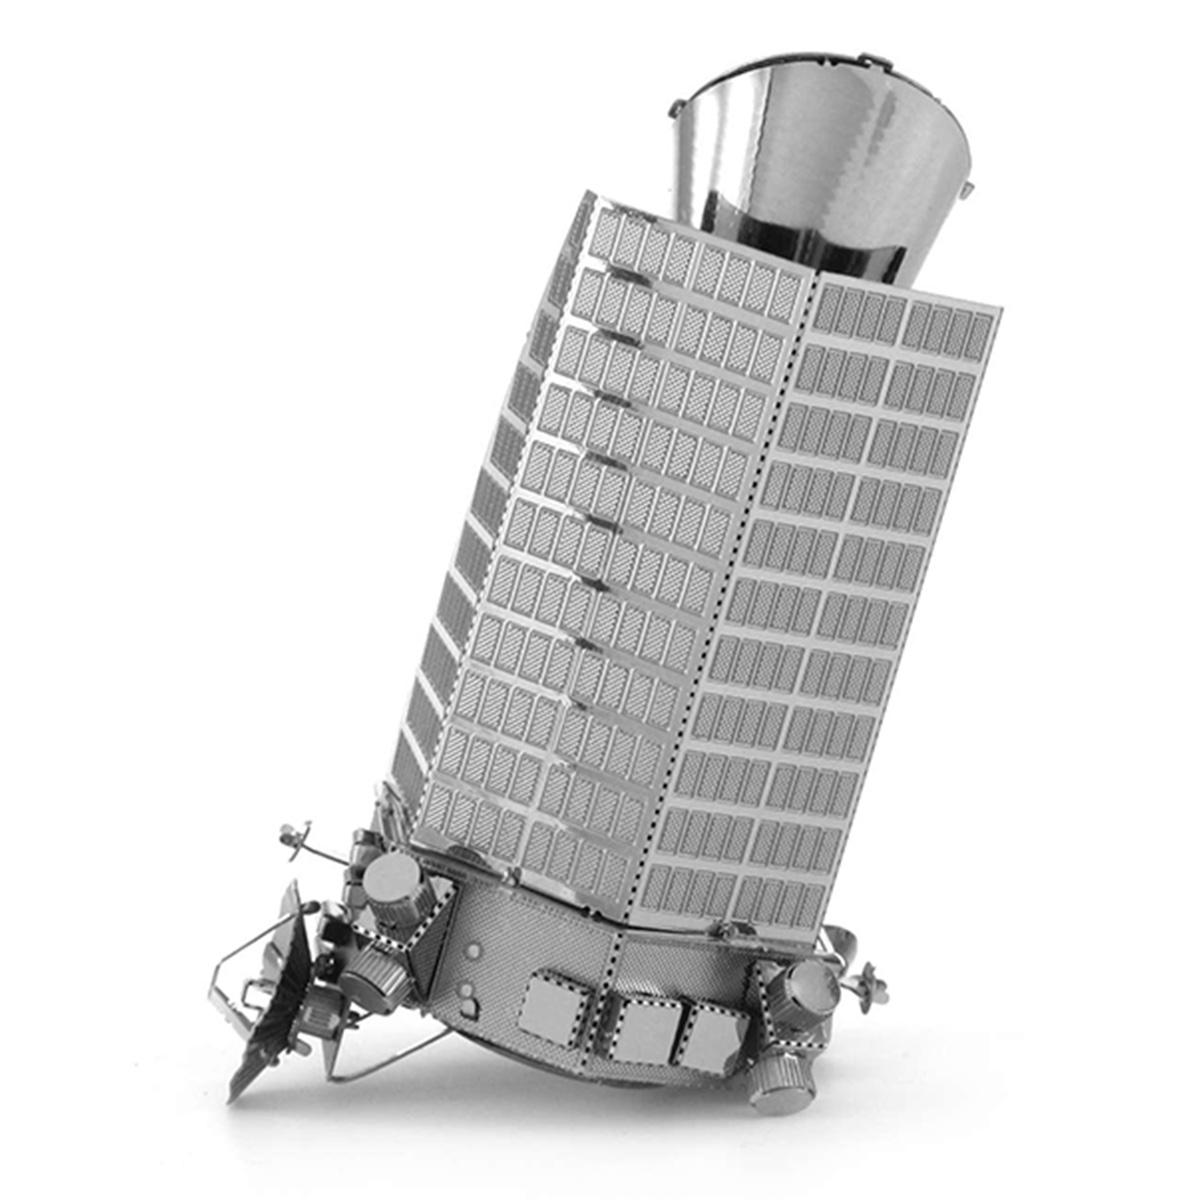 Fascinations - Metal Earth 3D Metal Model DIY Kits ...